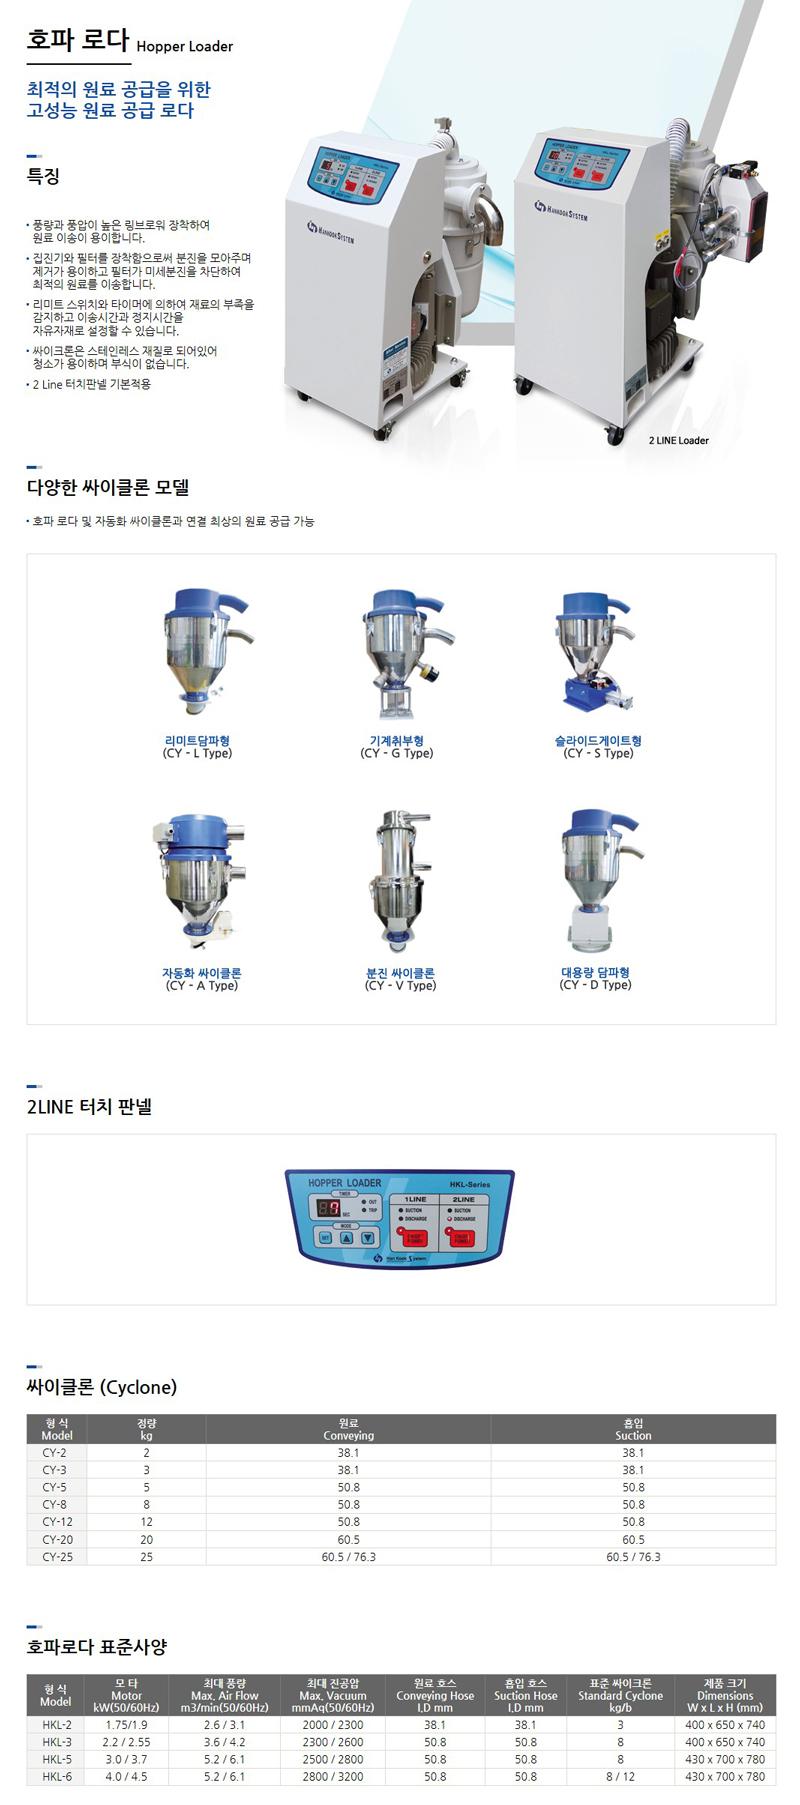 한국시스템(주) 호파 로다